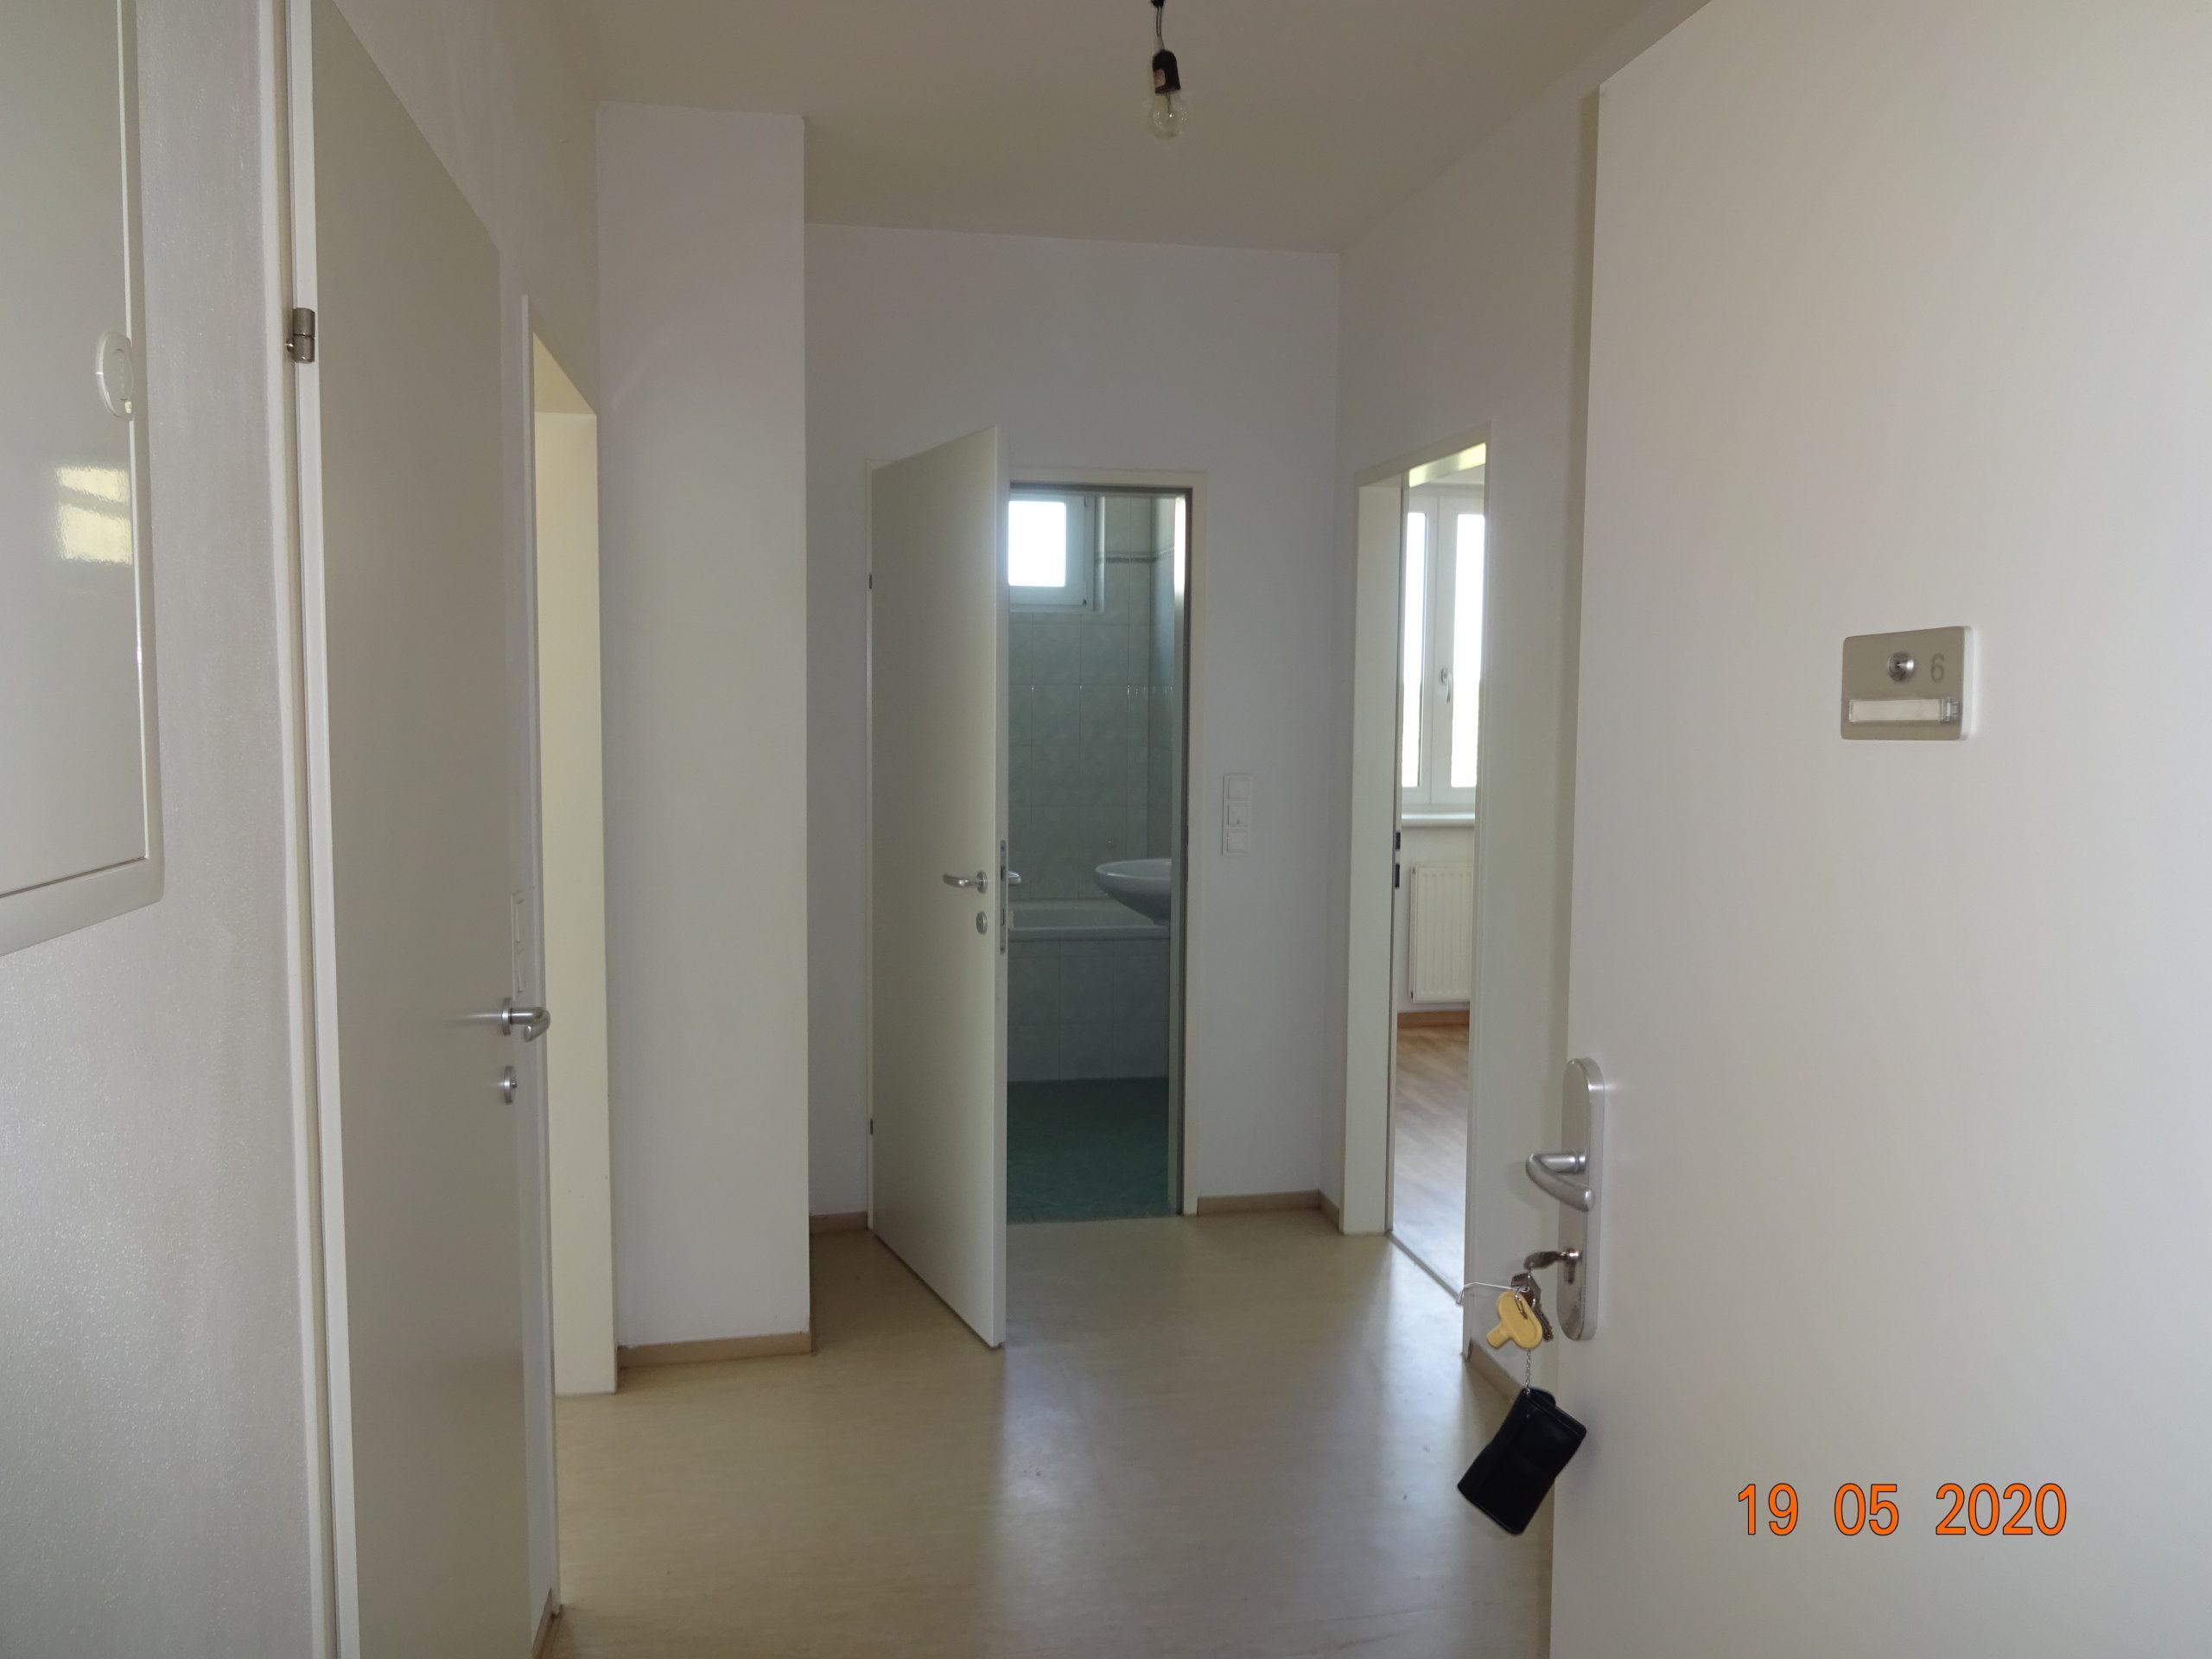 Immobilie von Kamptal in 3925 Arbesbach, Zwettl, Arbesbach II - Top 6 #2